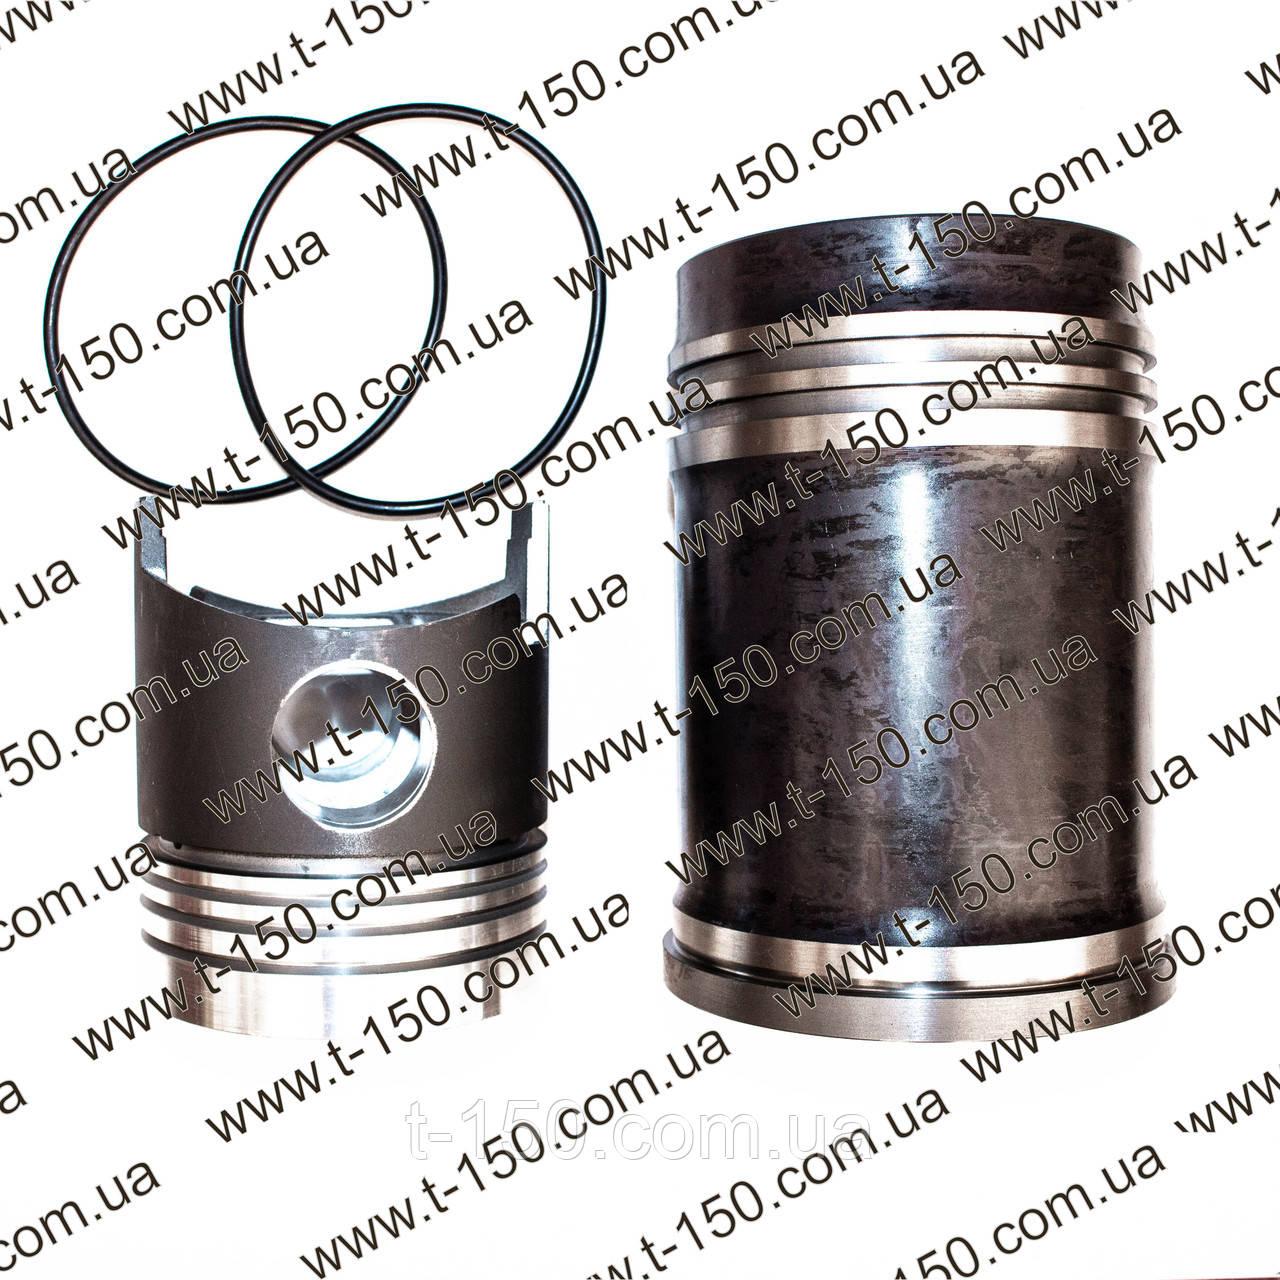 Гильзо-комплект СМД 60 (ГП+уплотнительные кольца) п/к (производство МД Конотоп)